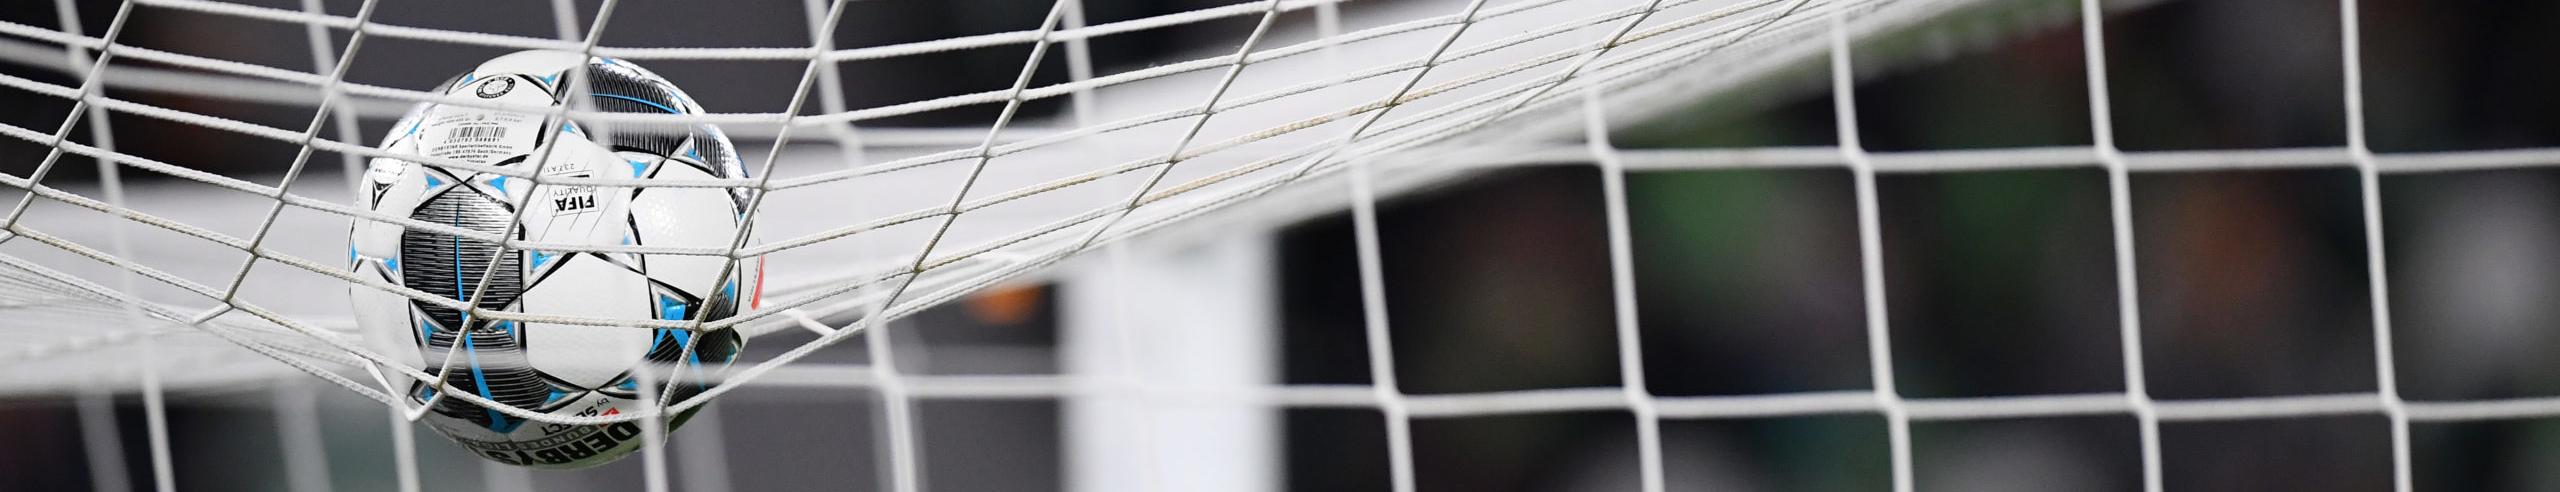 Scommesse sportive, il palinsesto bwin del 03/6/2020: attenzione al derby di Damasco